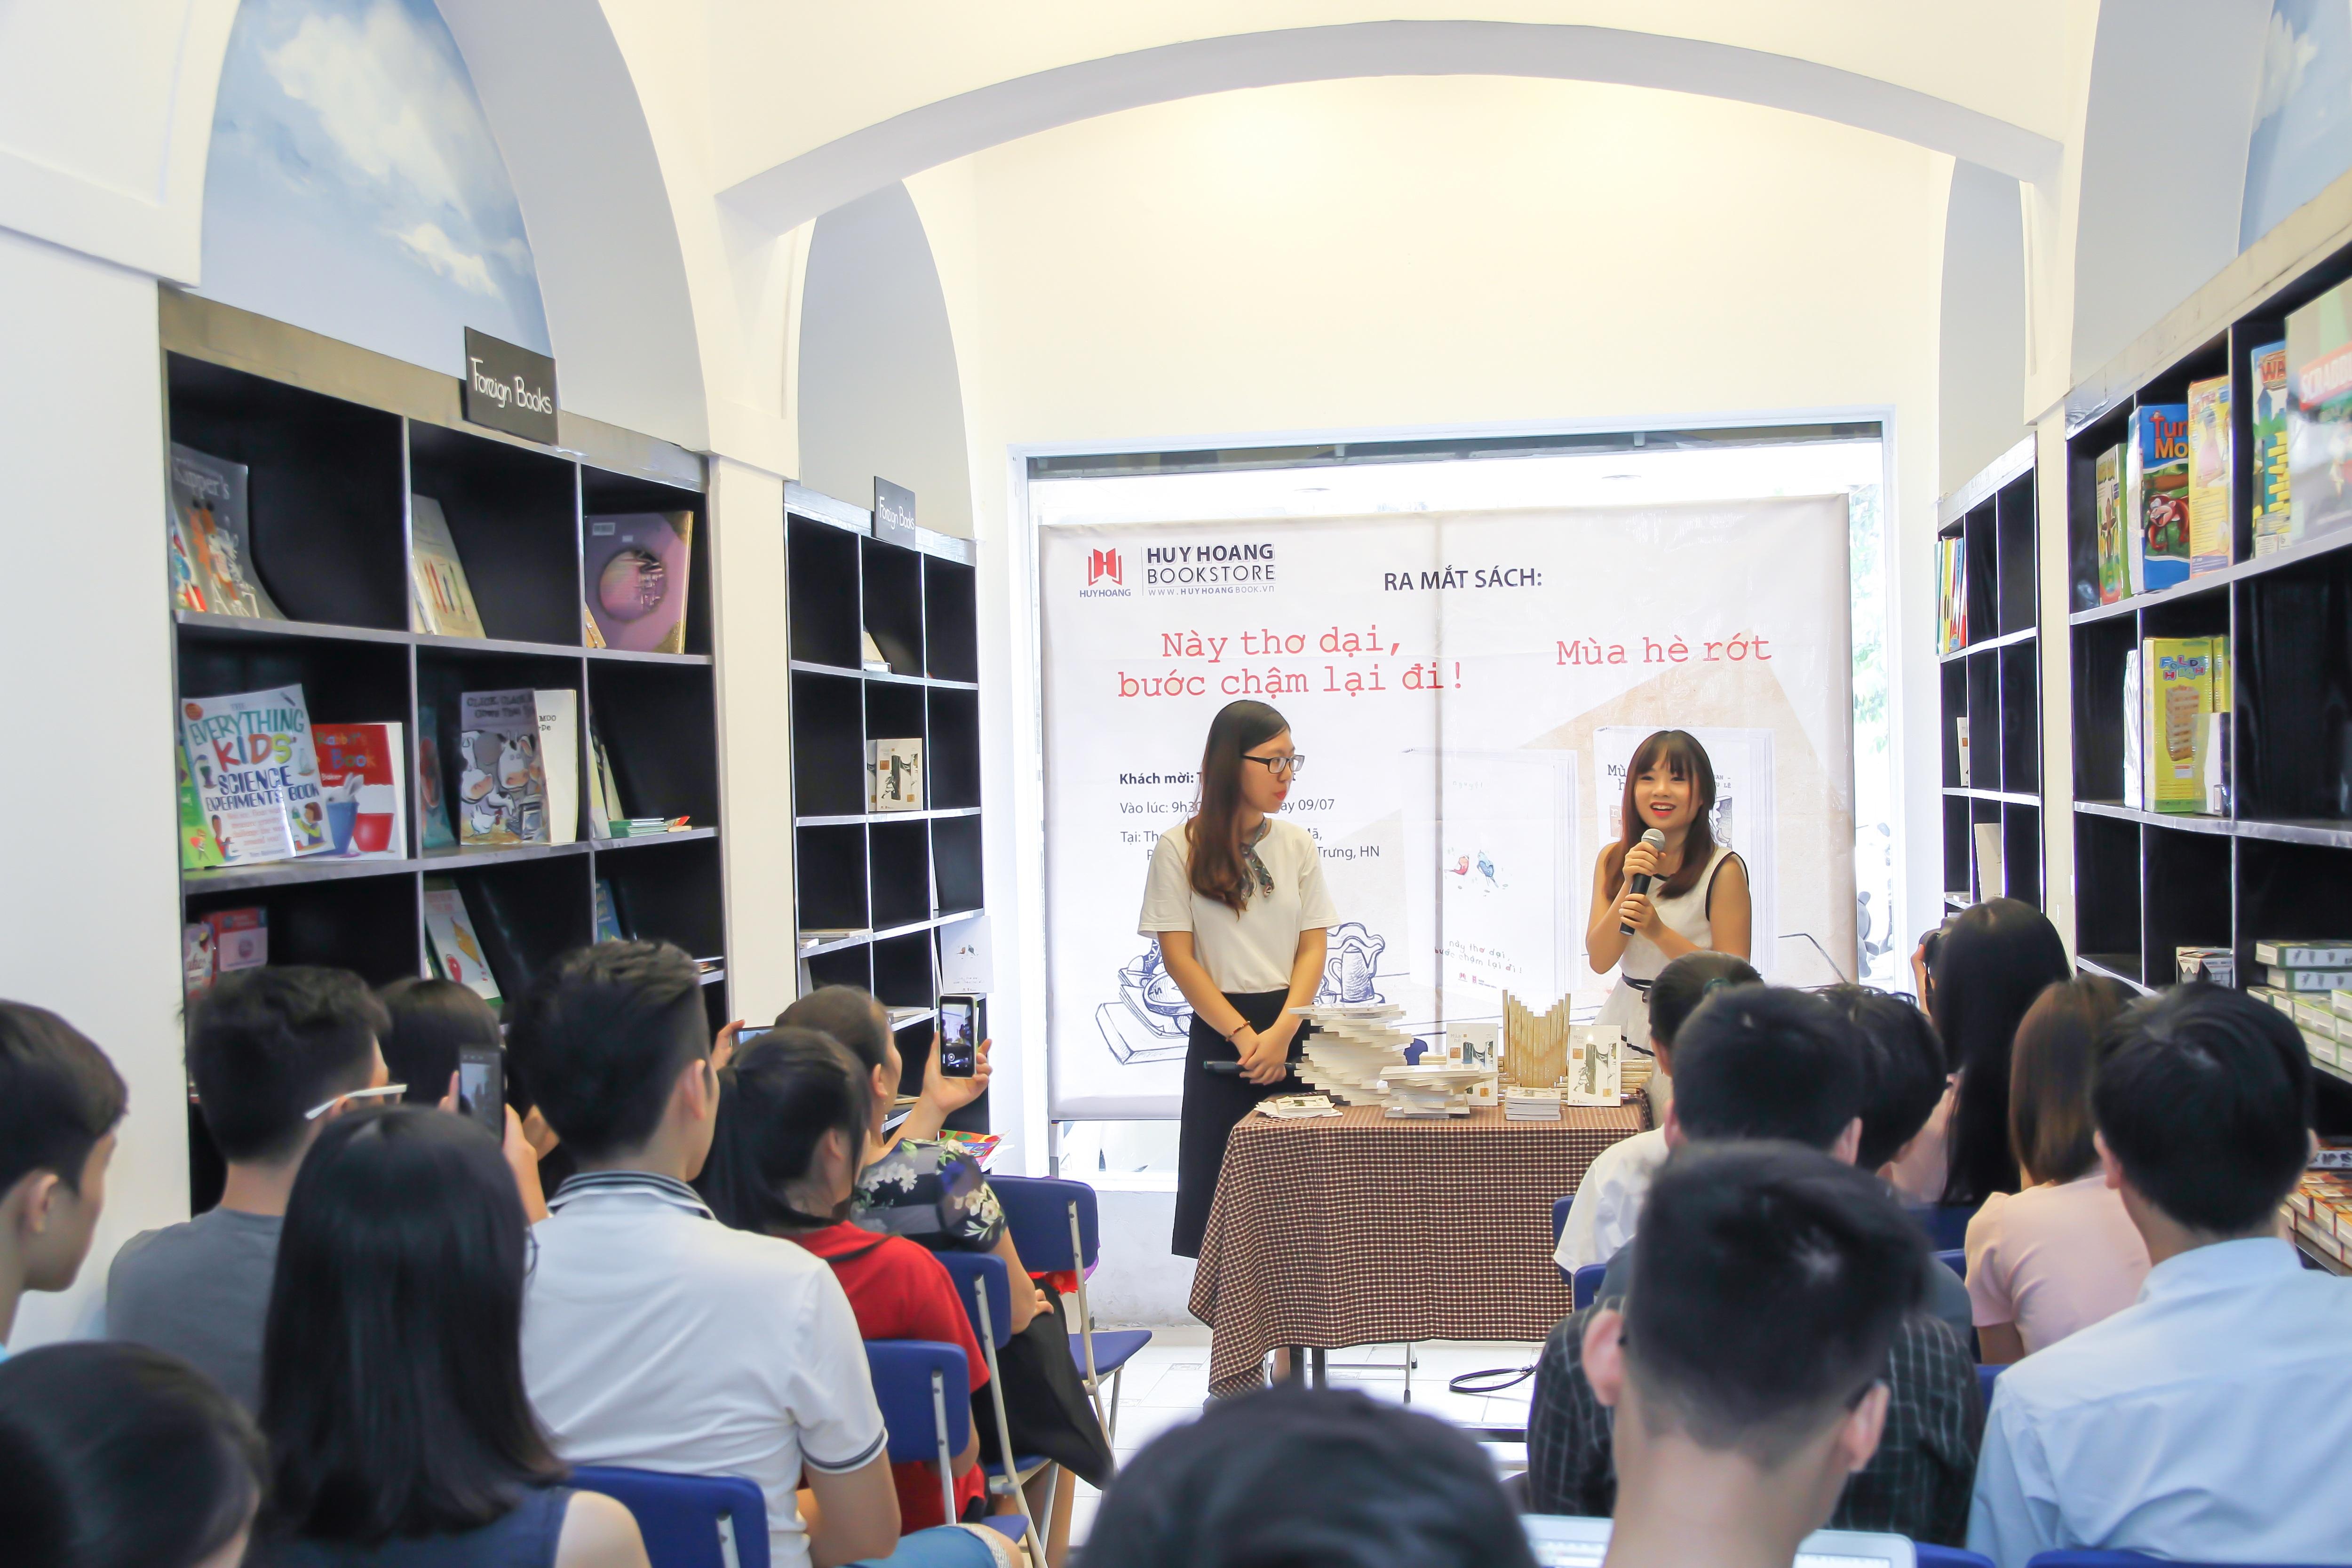 Rất nhiều độc giả trẻ đã đến dự buổi ra mắt hai cuốn sách này. Ảnh: Hoàng Hải.